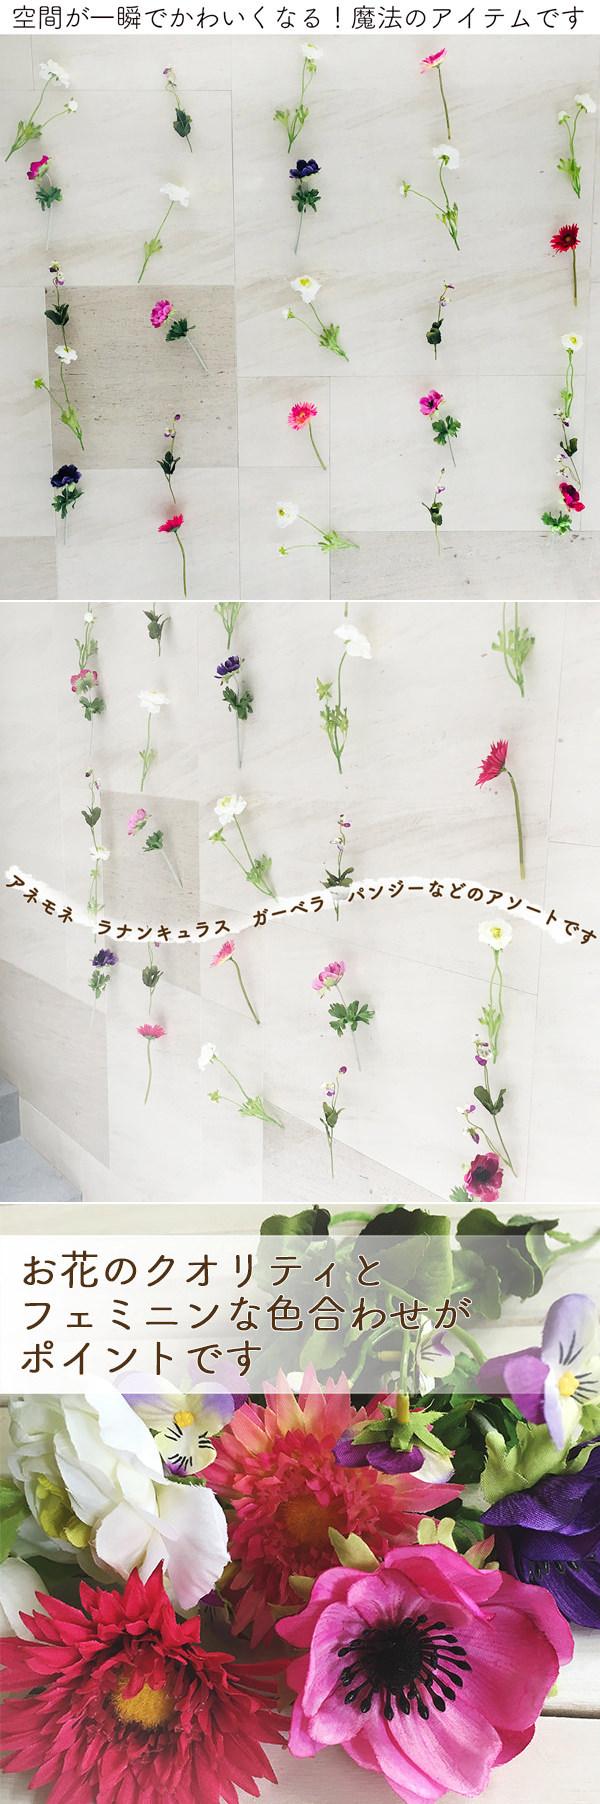 フラワーカーテン結婚式の受付や高砂背景の飾り付け前撮り